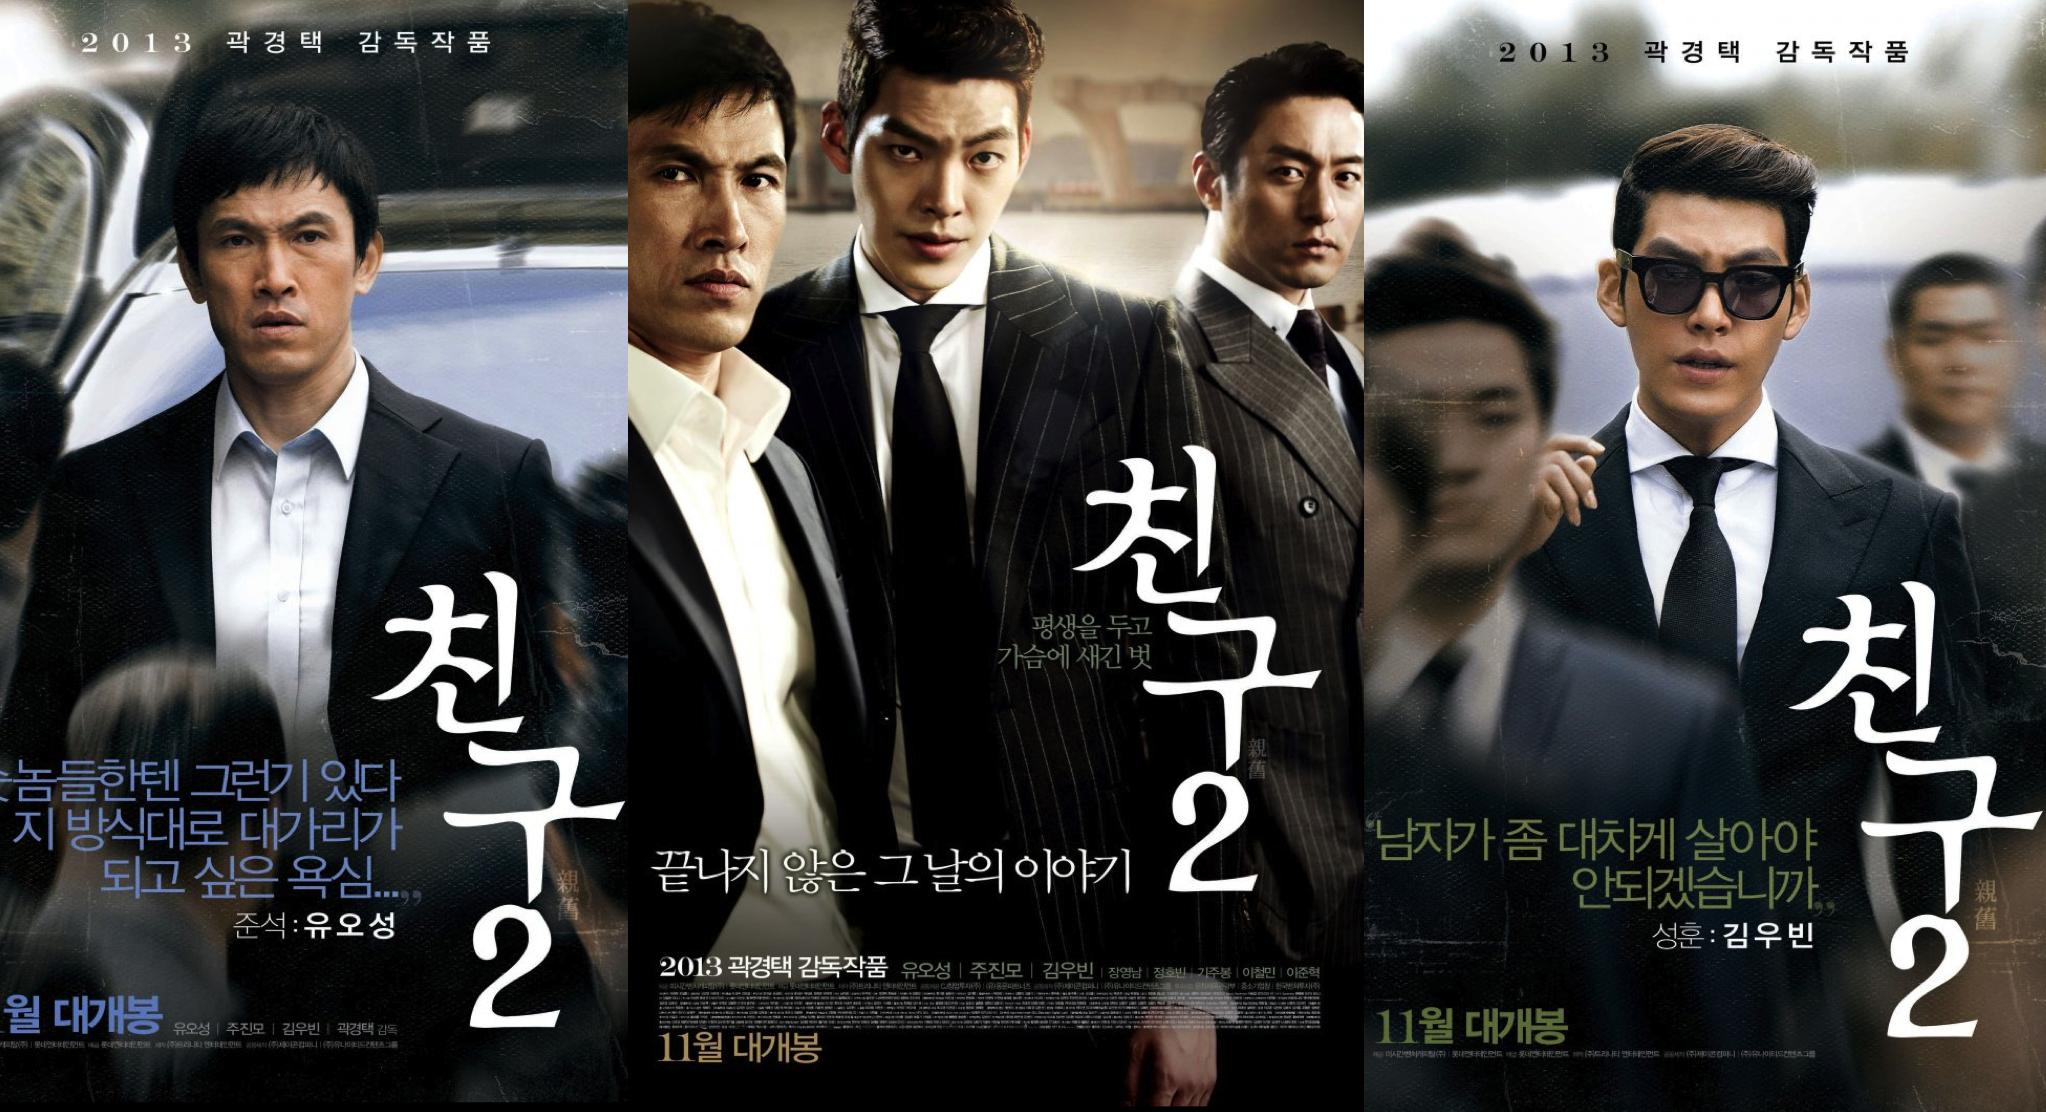 Friend 2 Movie Poster 2